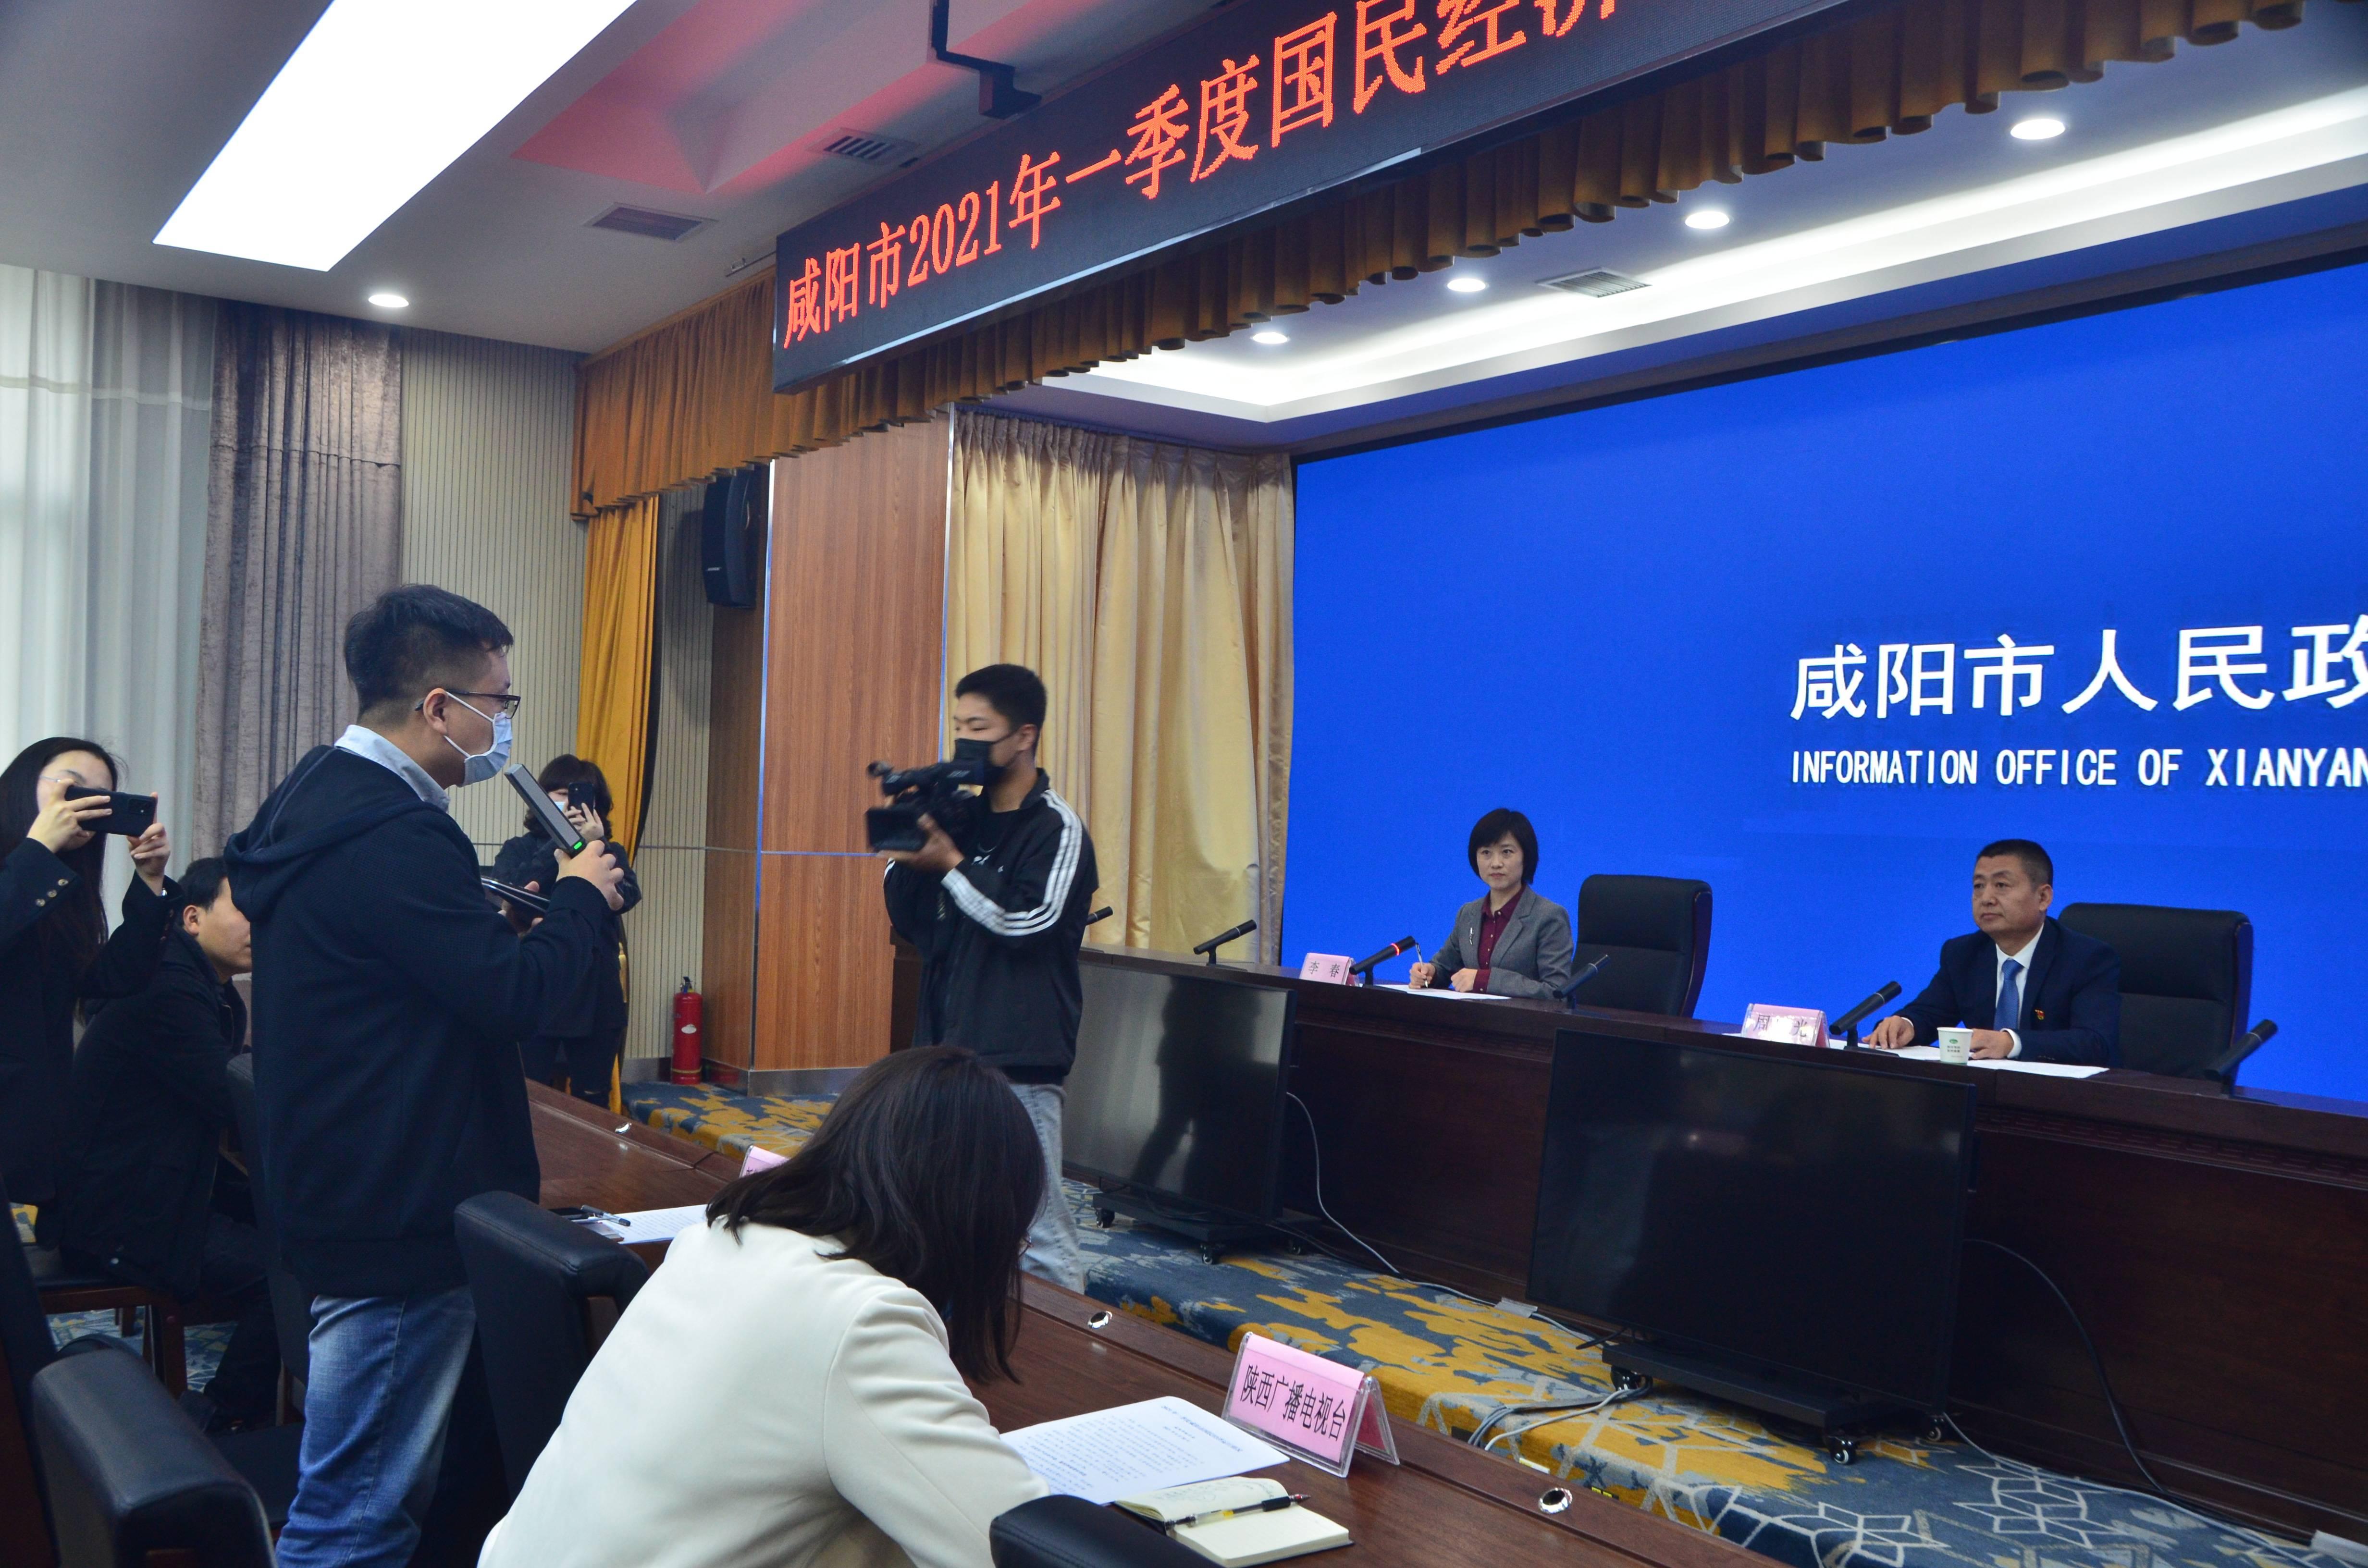 咸阳gdp_526.99亿元,同比增长18.5%!一季度咸阳GDP反超宝鸡!